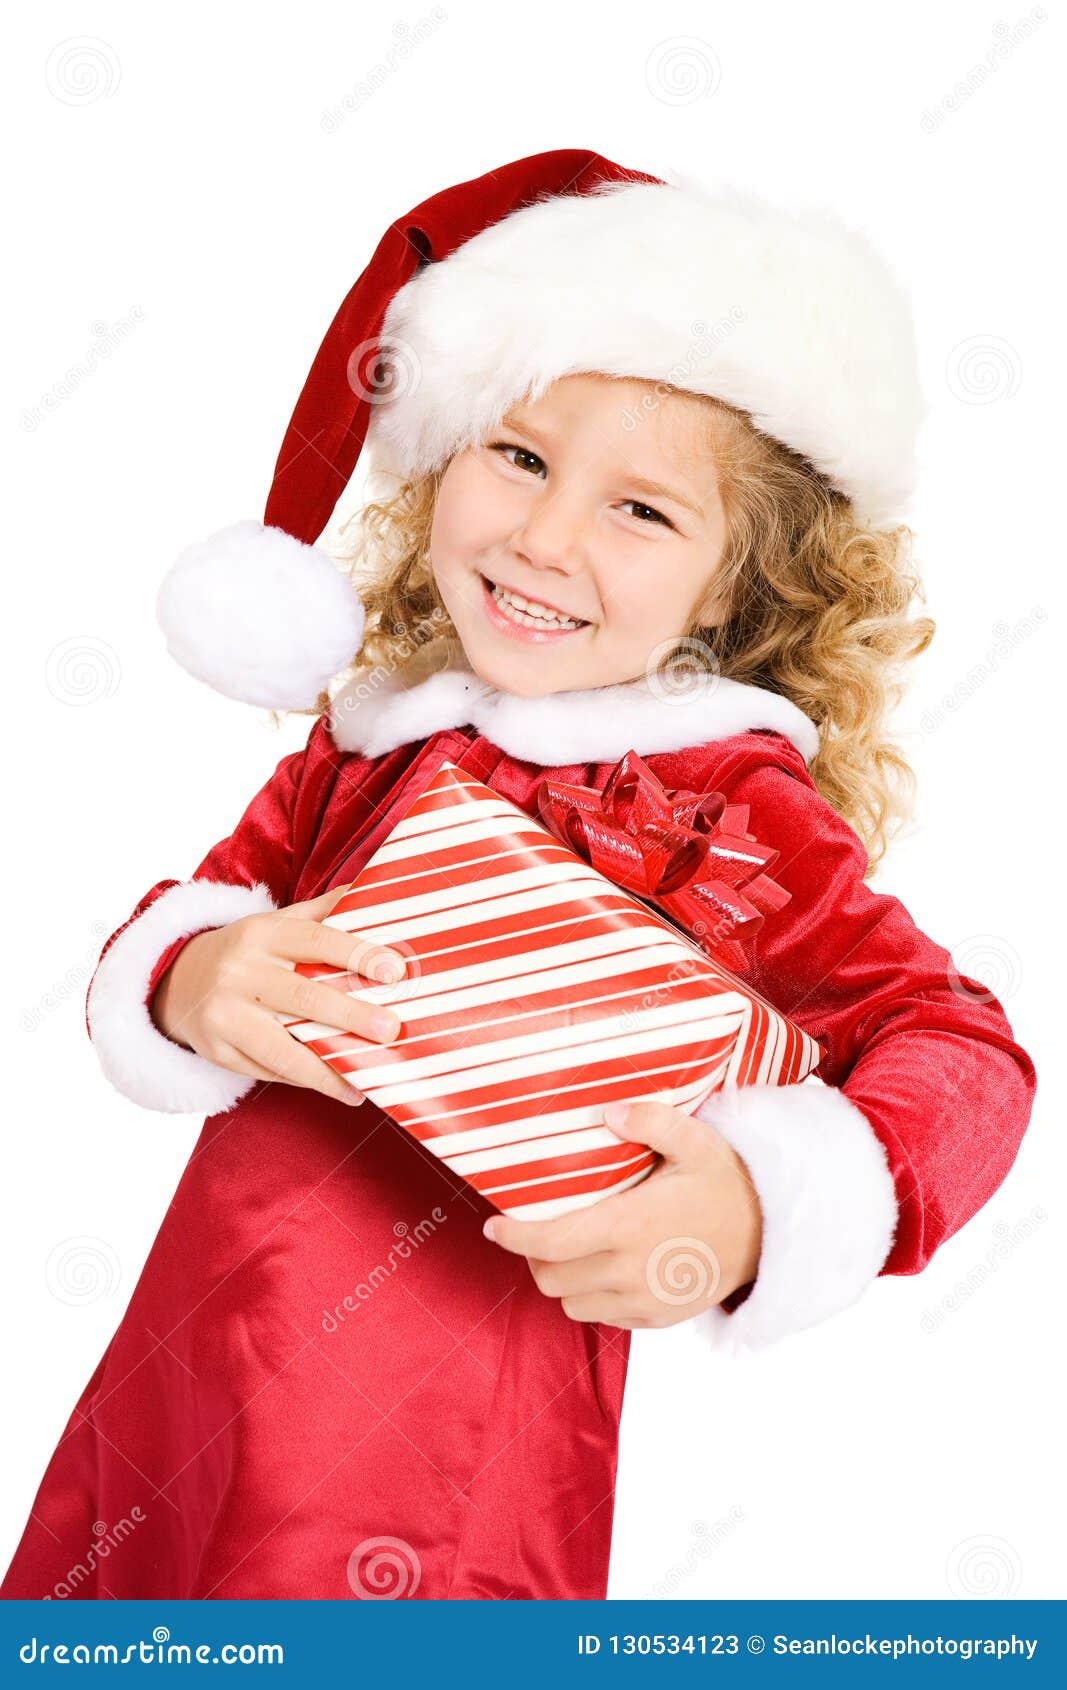 Natal: Menina bonito em Santa Hat Carrying Gift